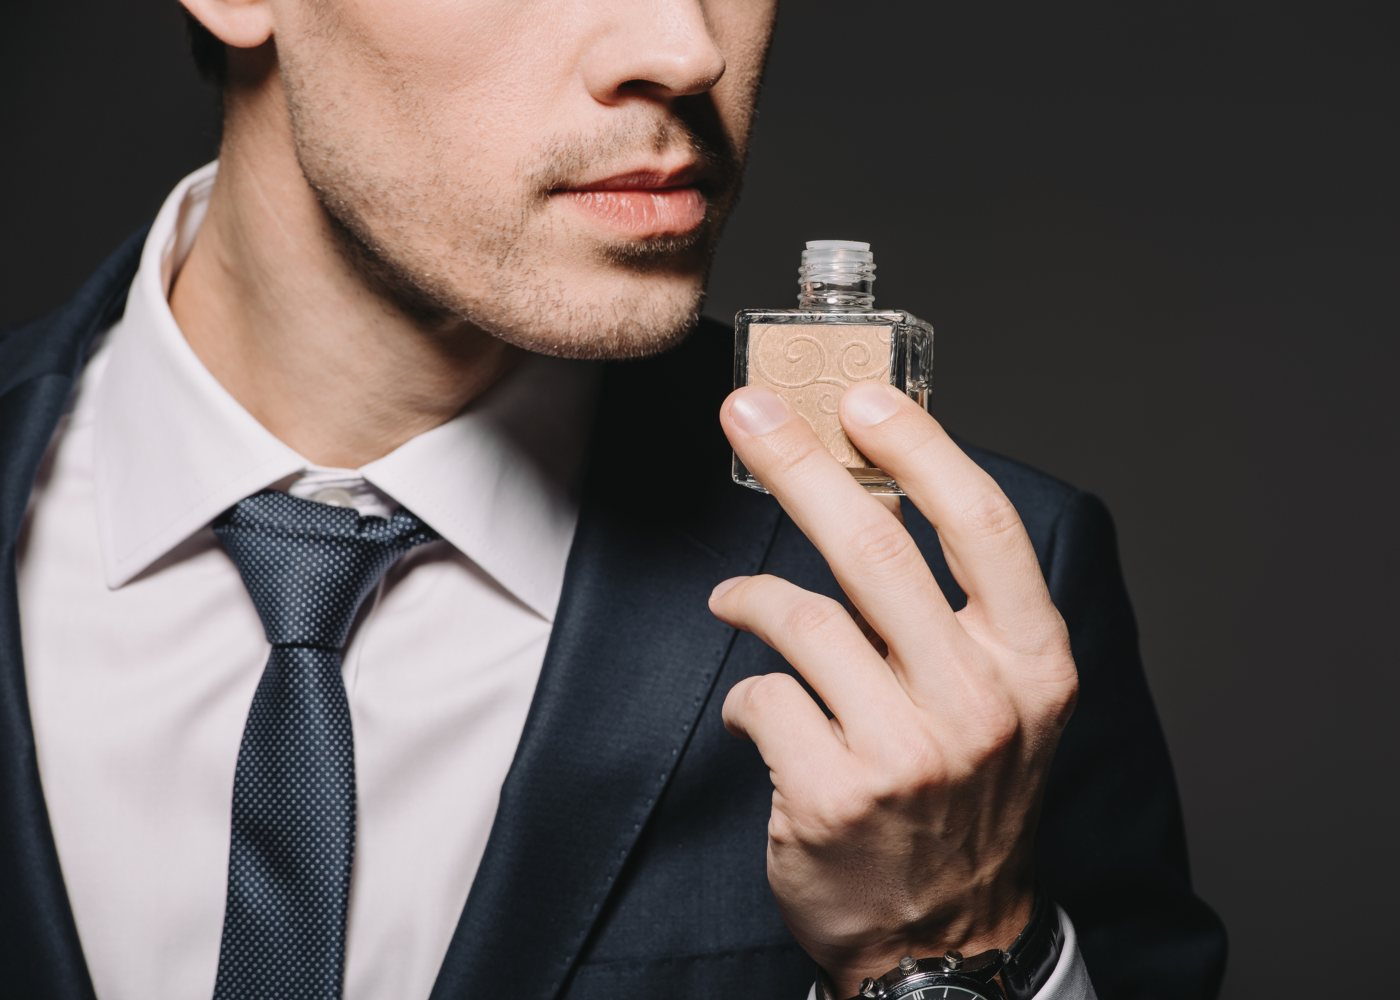 Melhores perfumes de homem para oferecer no Natal